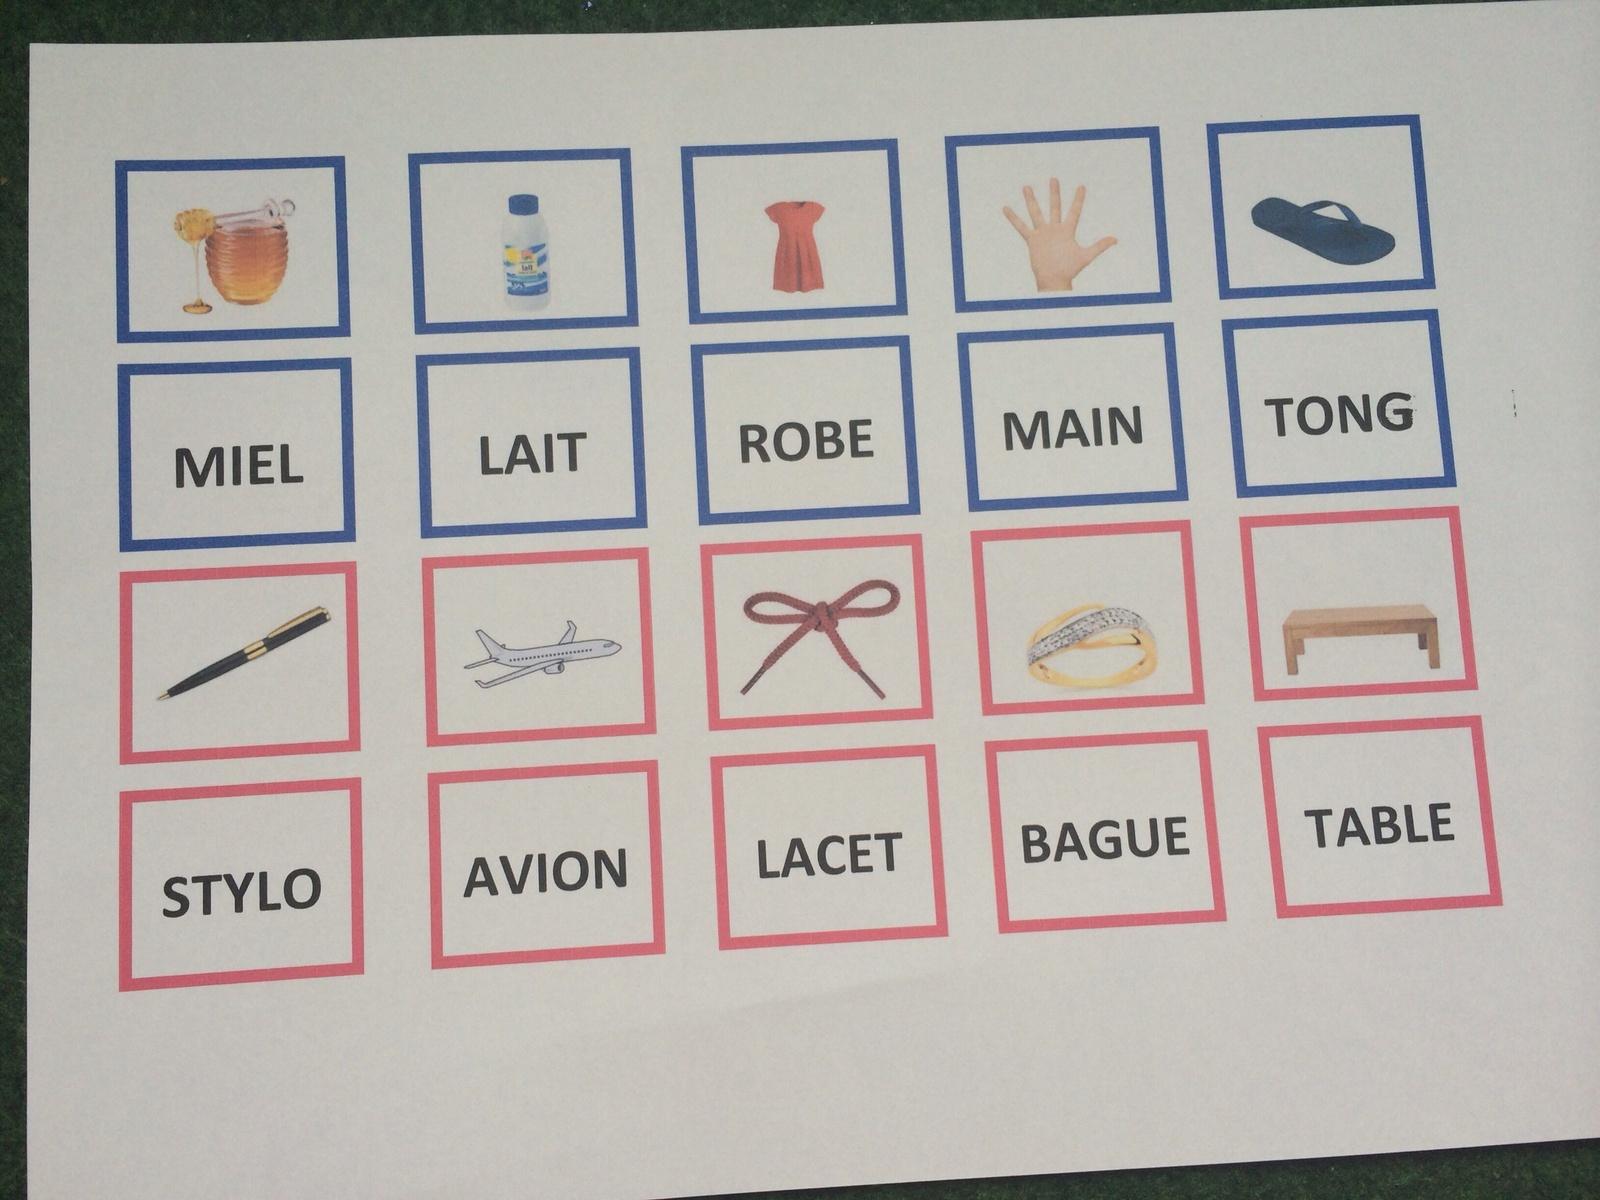 Apprendre L'alphabet, Lire Et Écrire - Apprends Moi Ummi dedans Apprendre A Ecrire L Alphabet